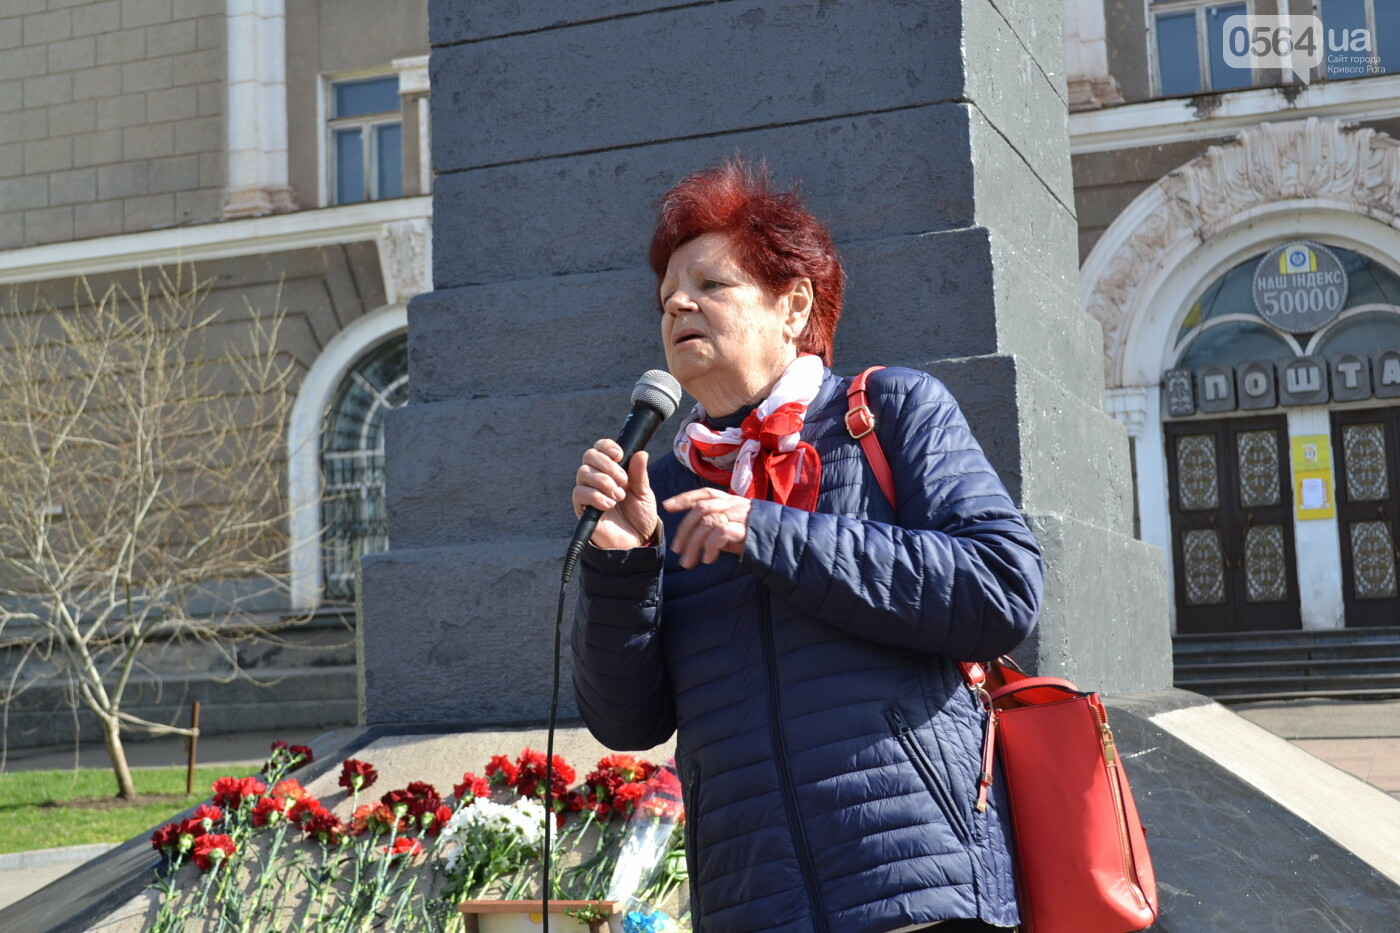 """""""За що найкращі твої діти  тепер шатаються по світу?"""", - 78-летняя криворожанка, проработавшая в Италии 20 лет, посвятила стих Украине, - В..., фото-1"""